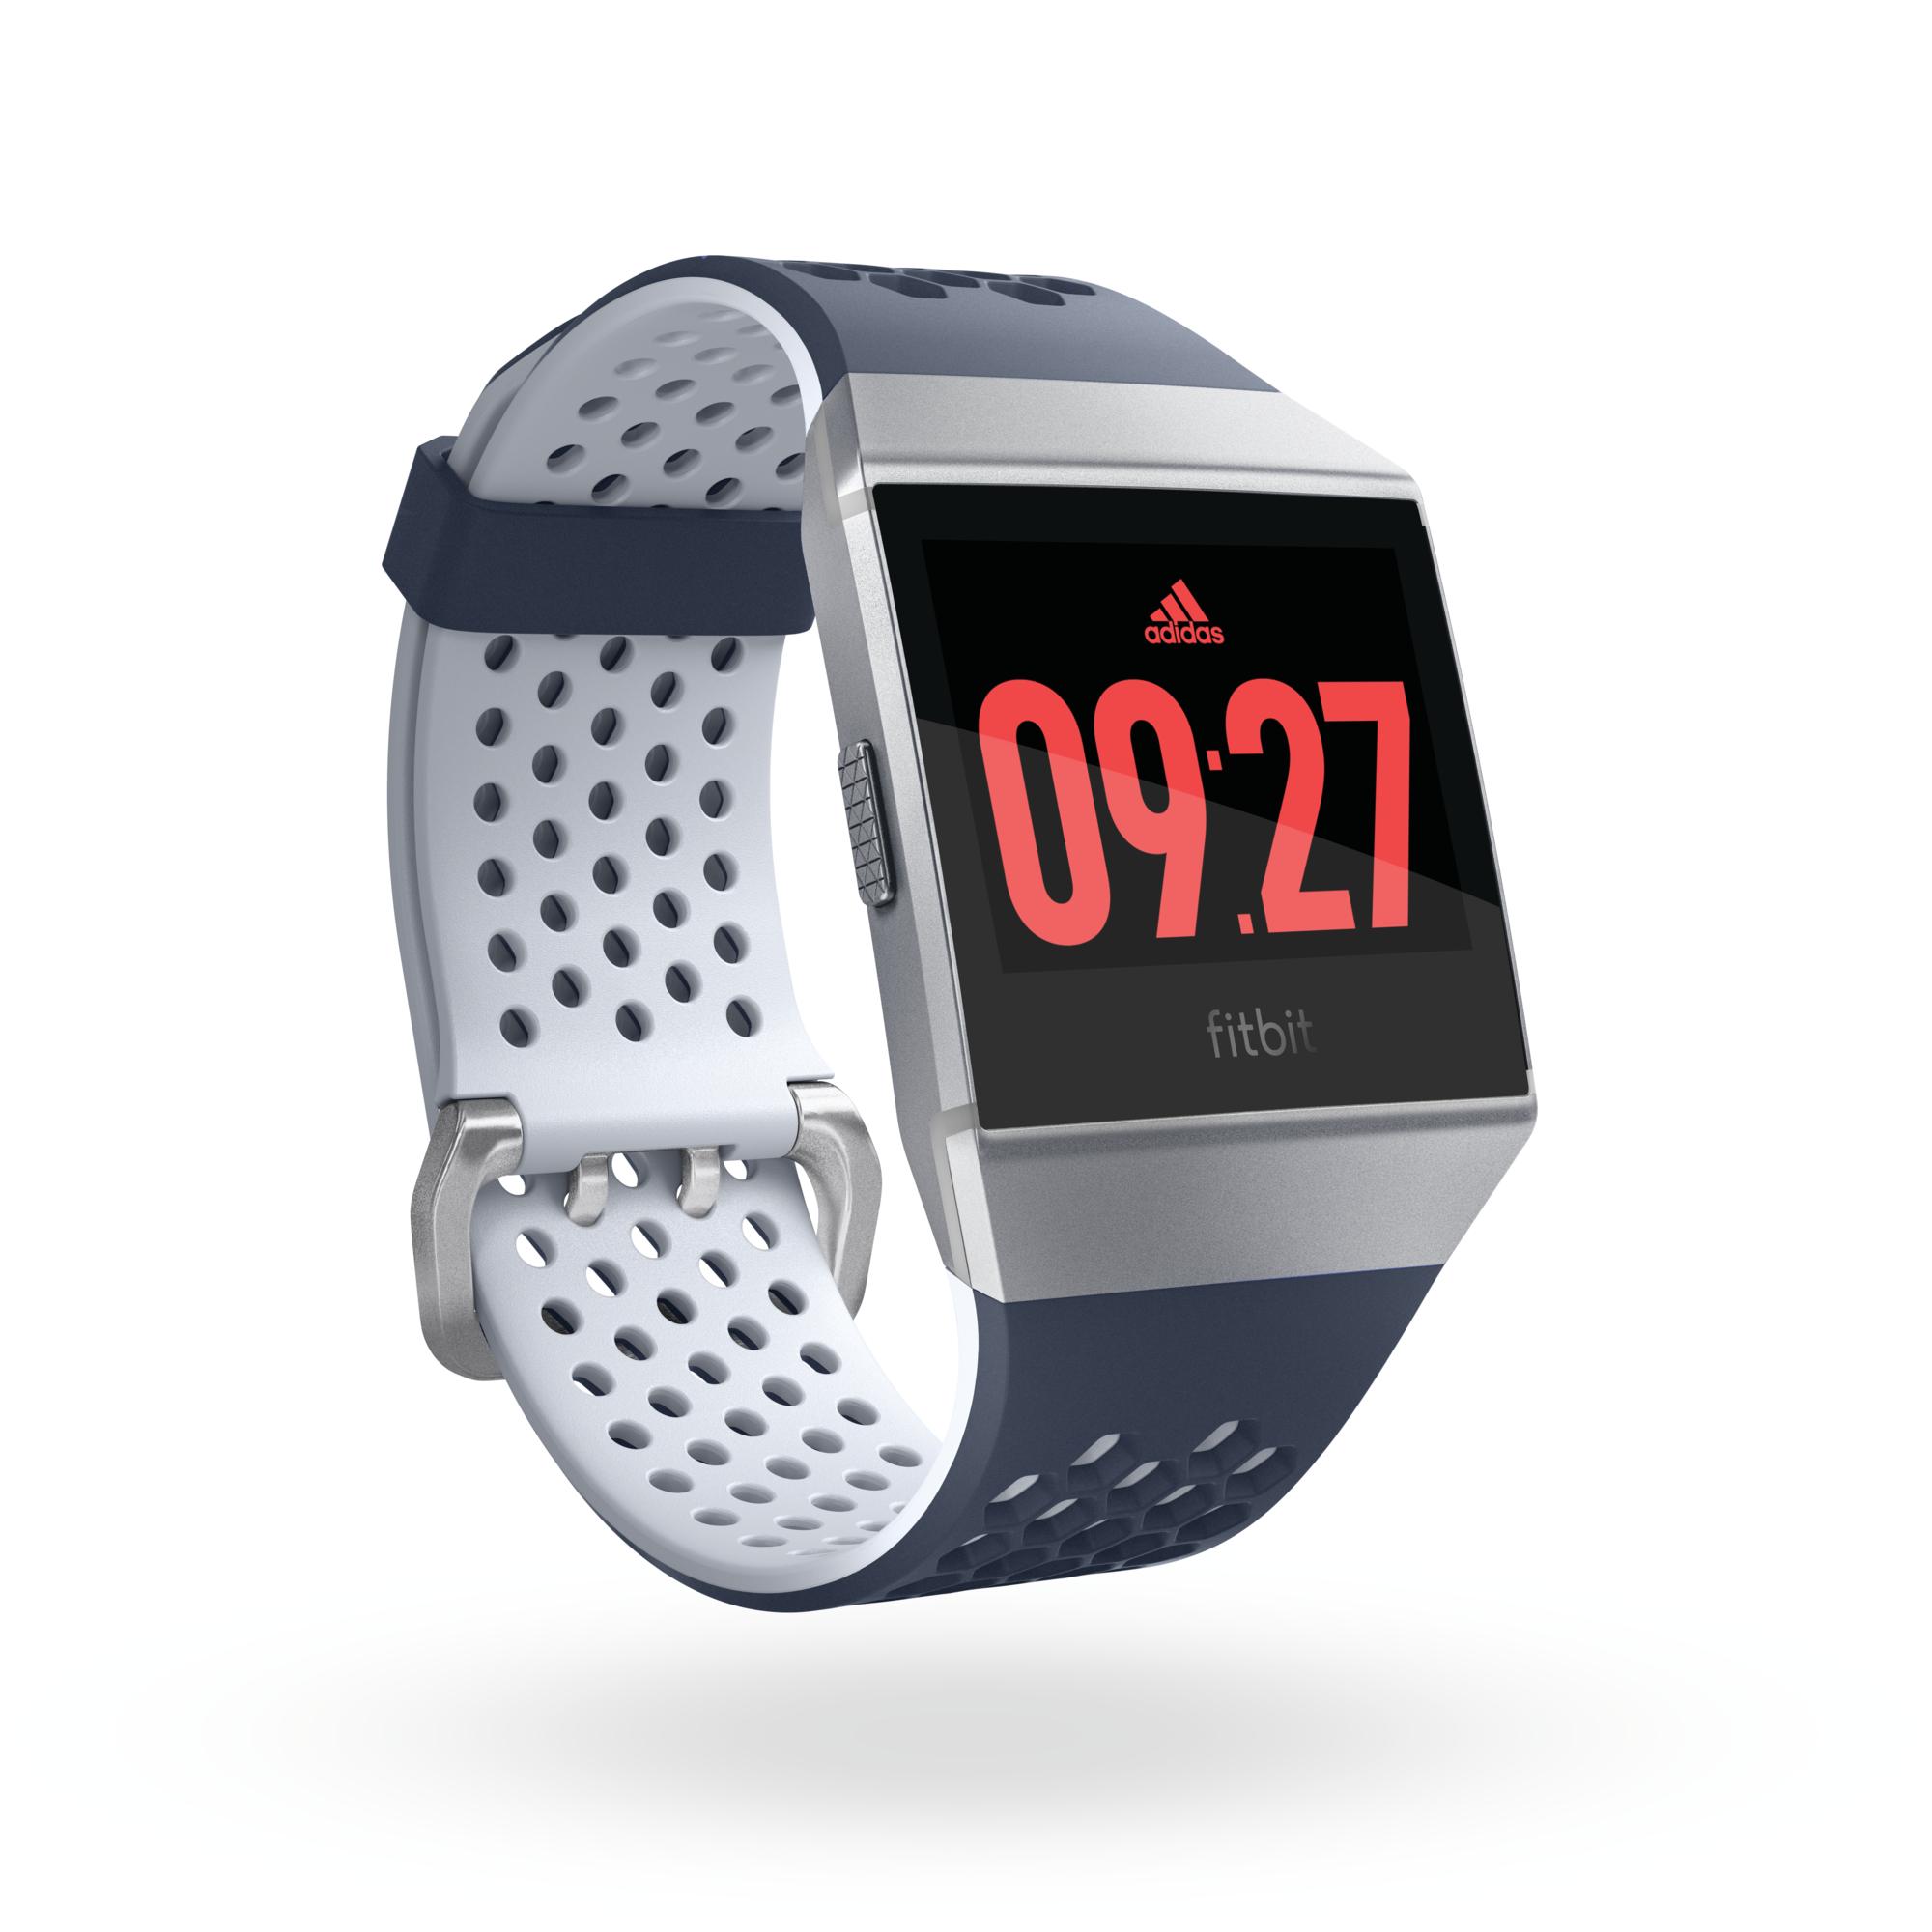 """Išmaniųjų aksesuarų gamintoja """"Fitbit"""" ir """"adidas"""" pristato bendrą darbą"""